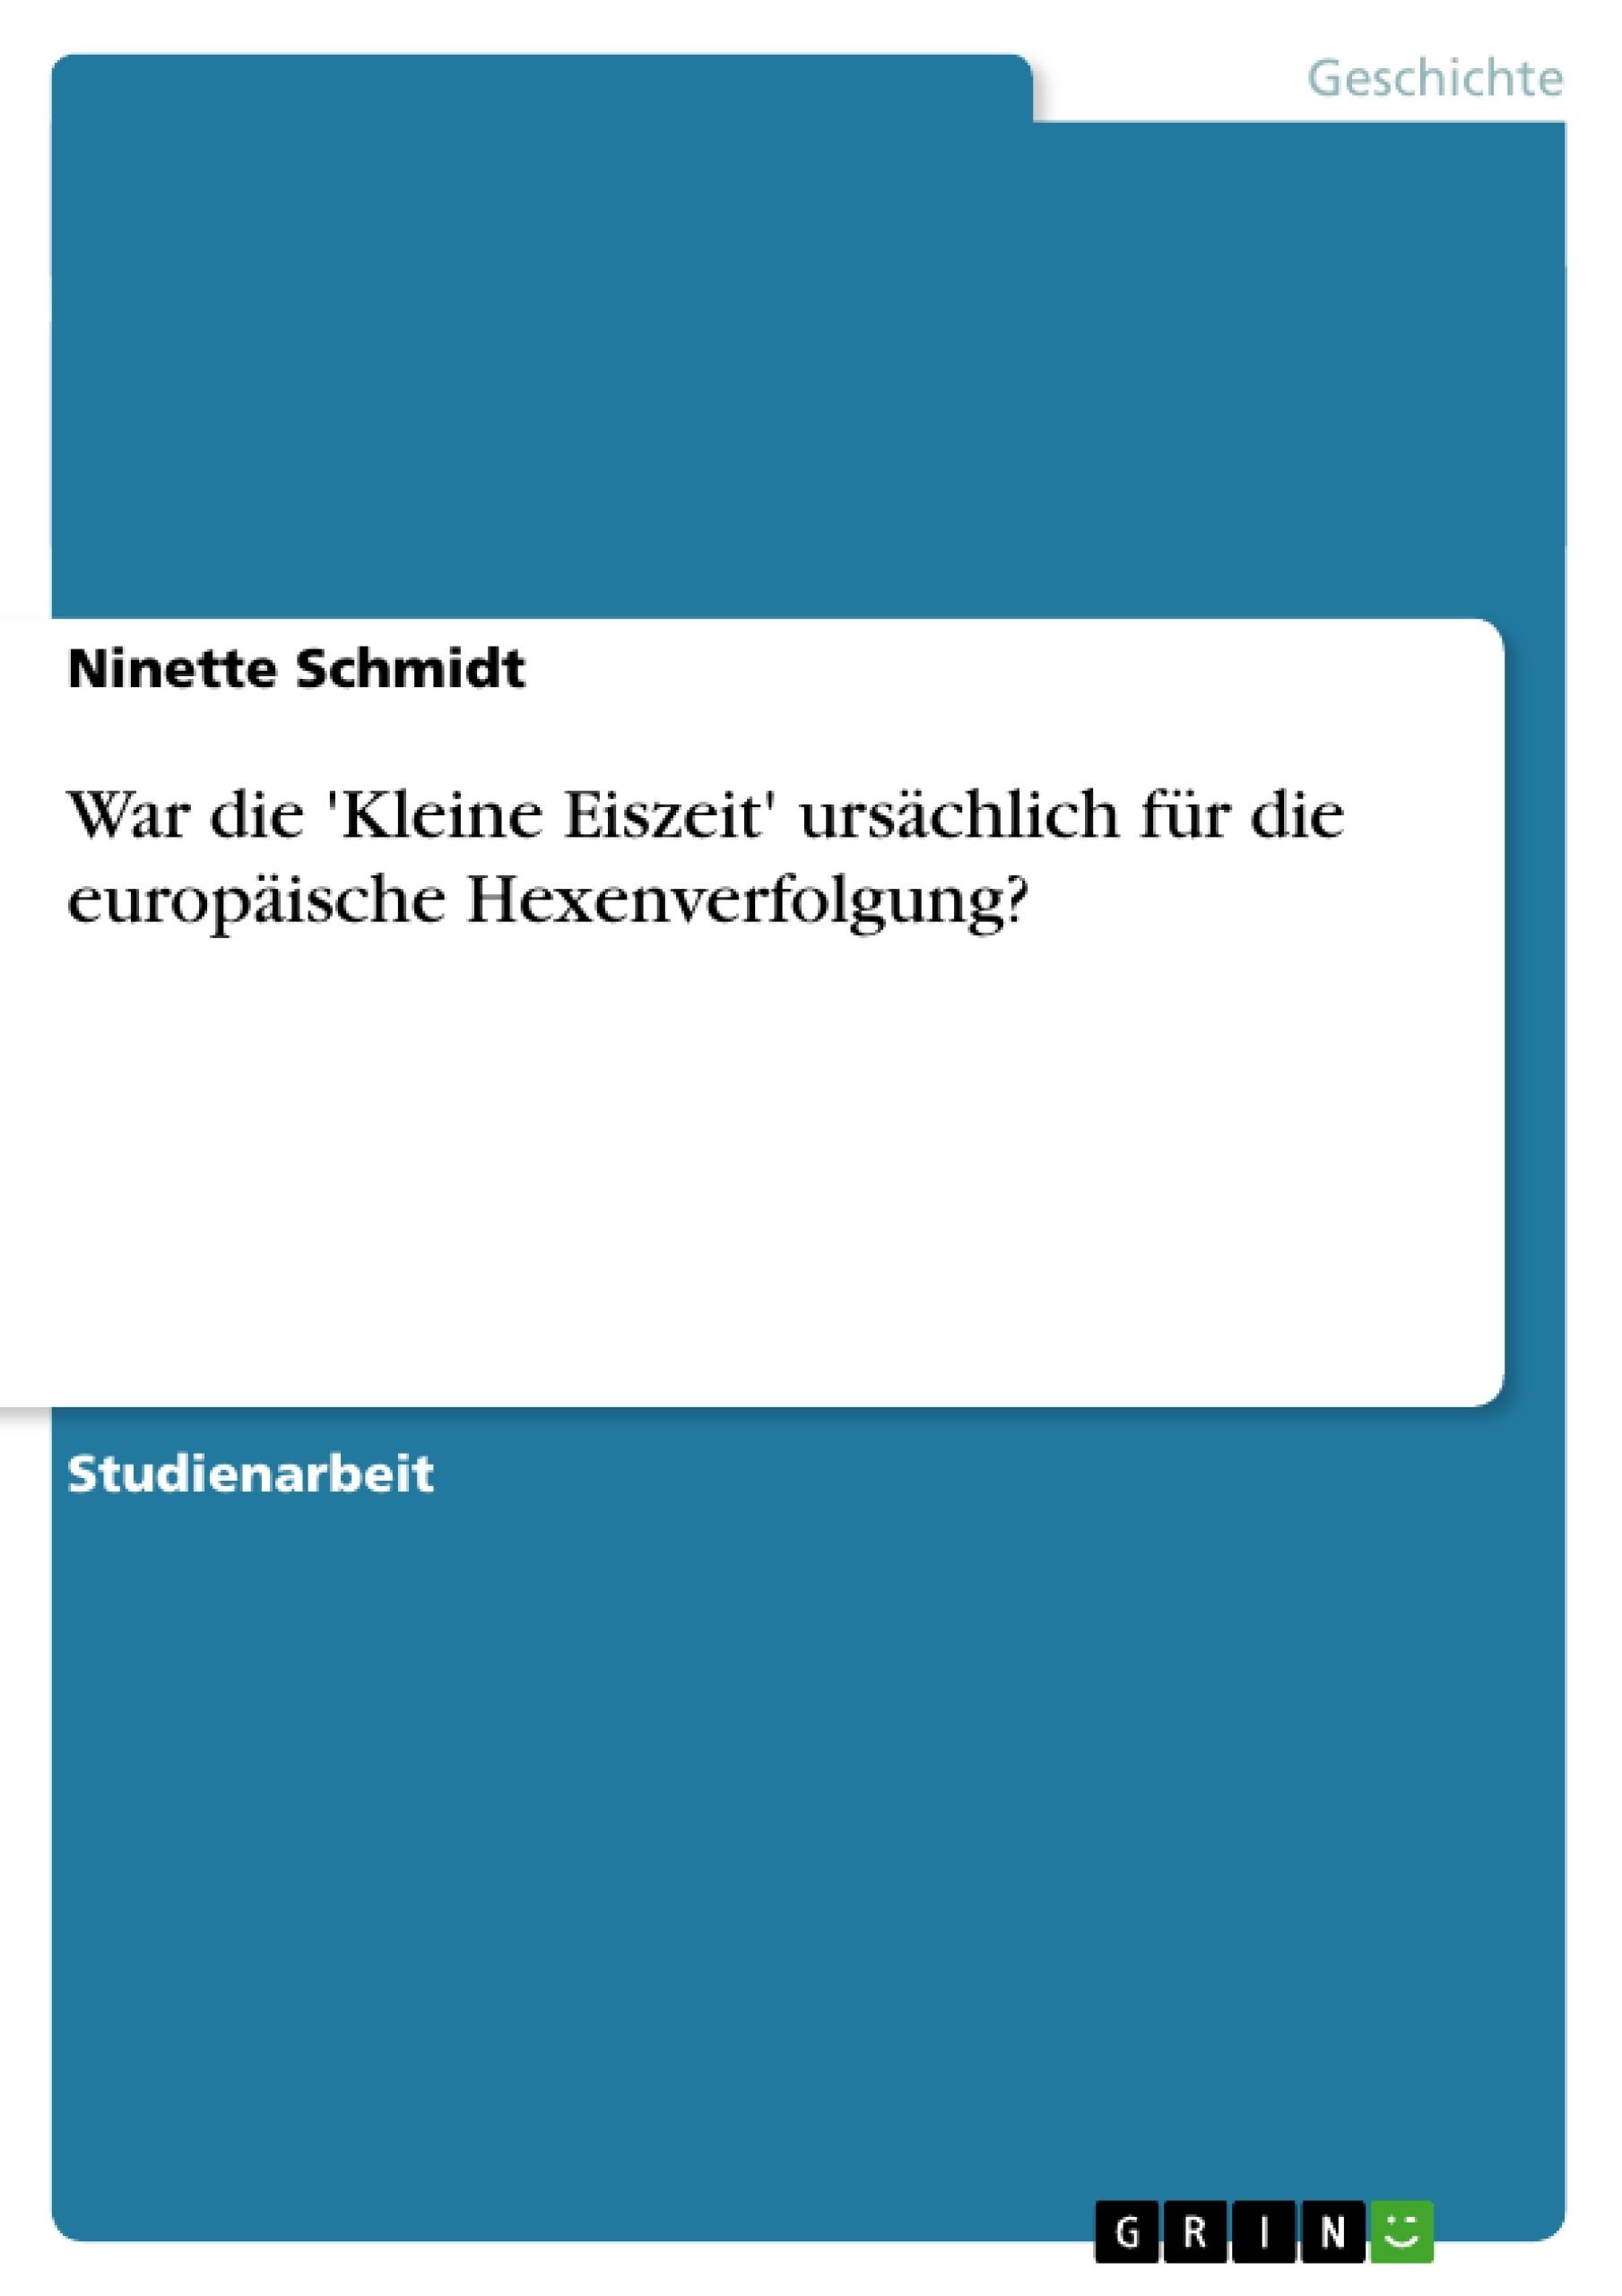 Titel: War die 'Kleine Eiszeit' ursächlich für die europäische Hexenverfolgung?